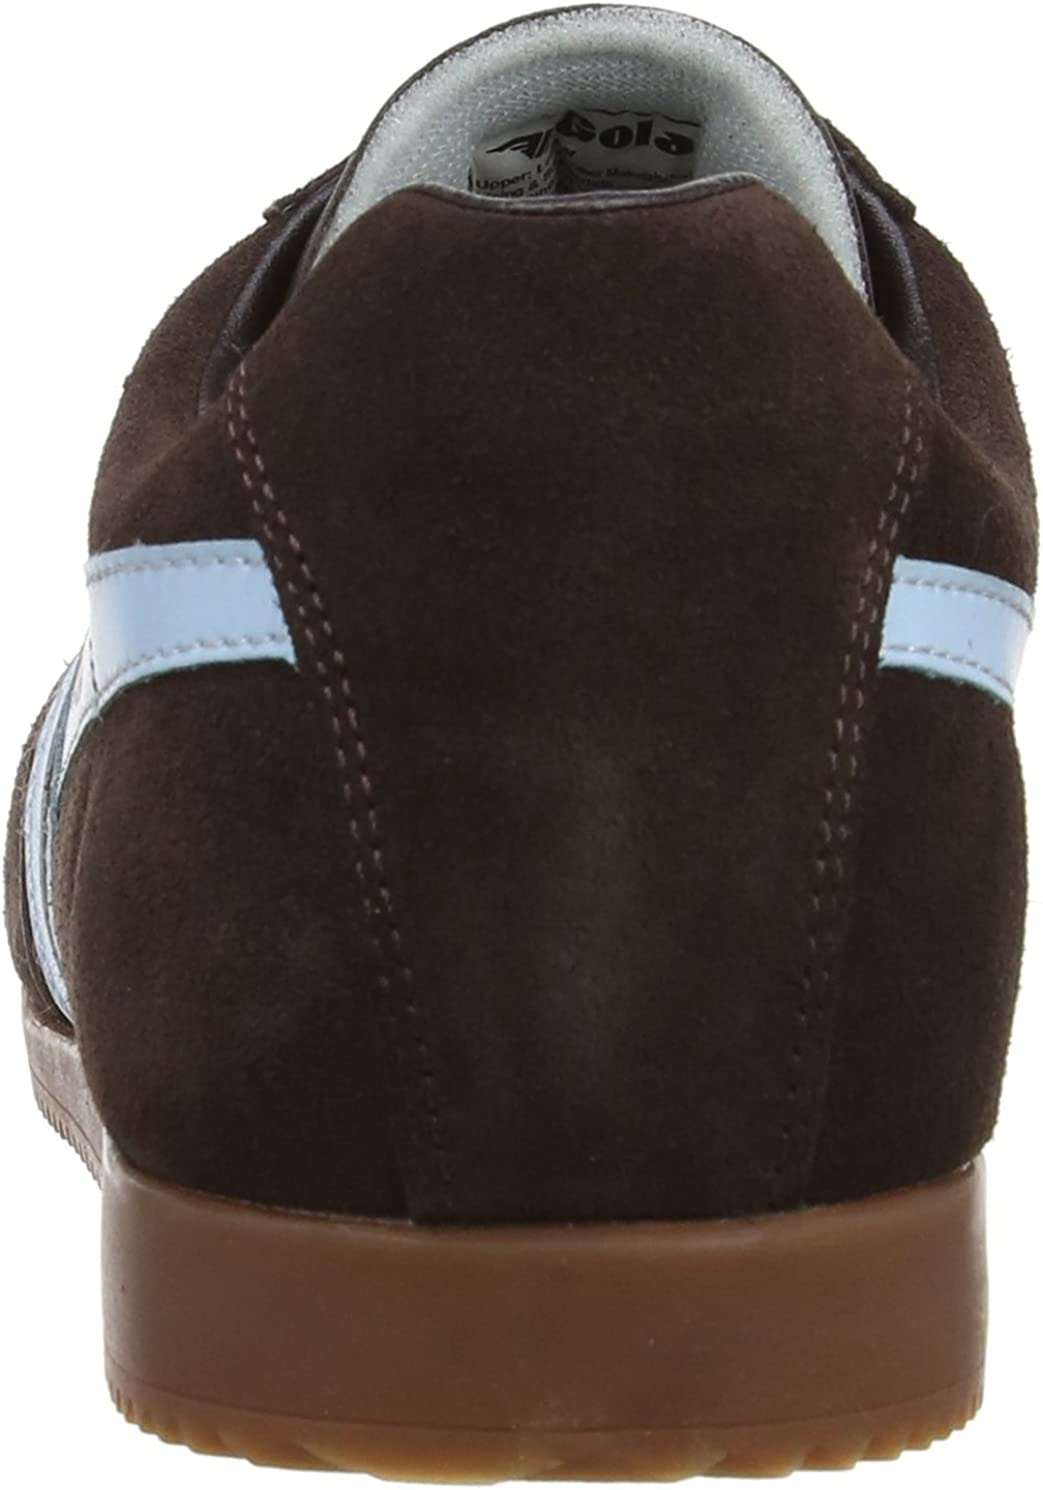 Chaussures gar/çon Lonsdale Levens